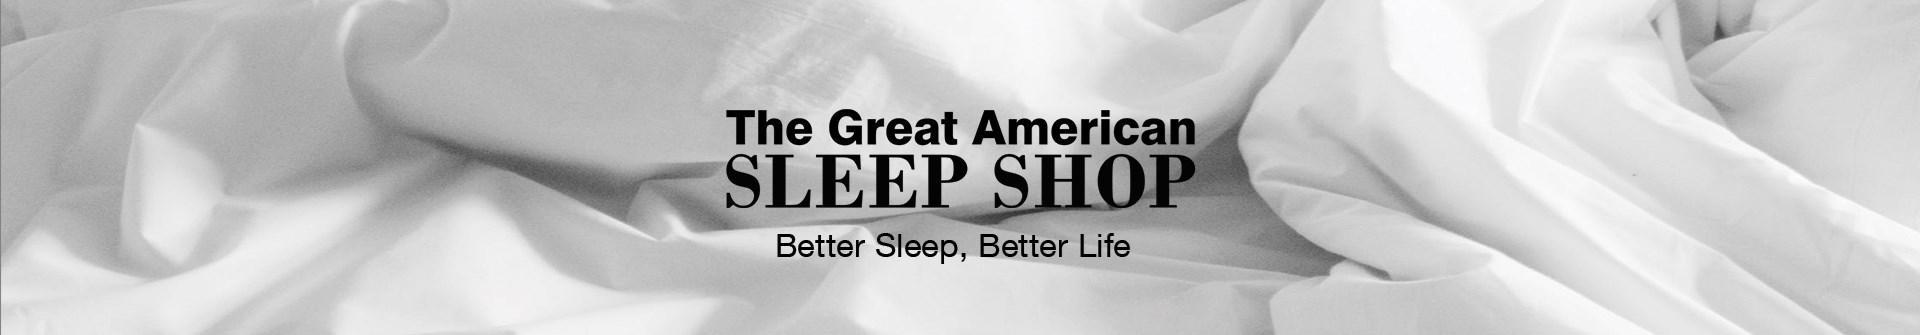 Great American Homestore Sleep Shop